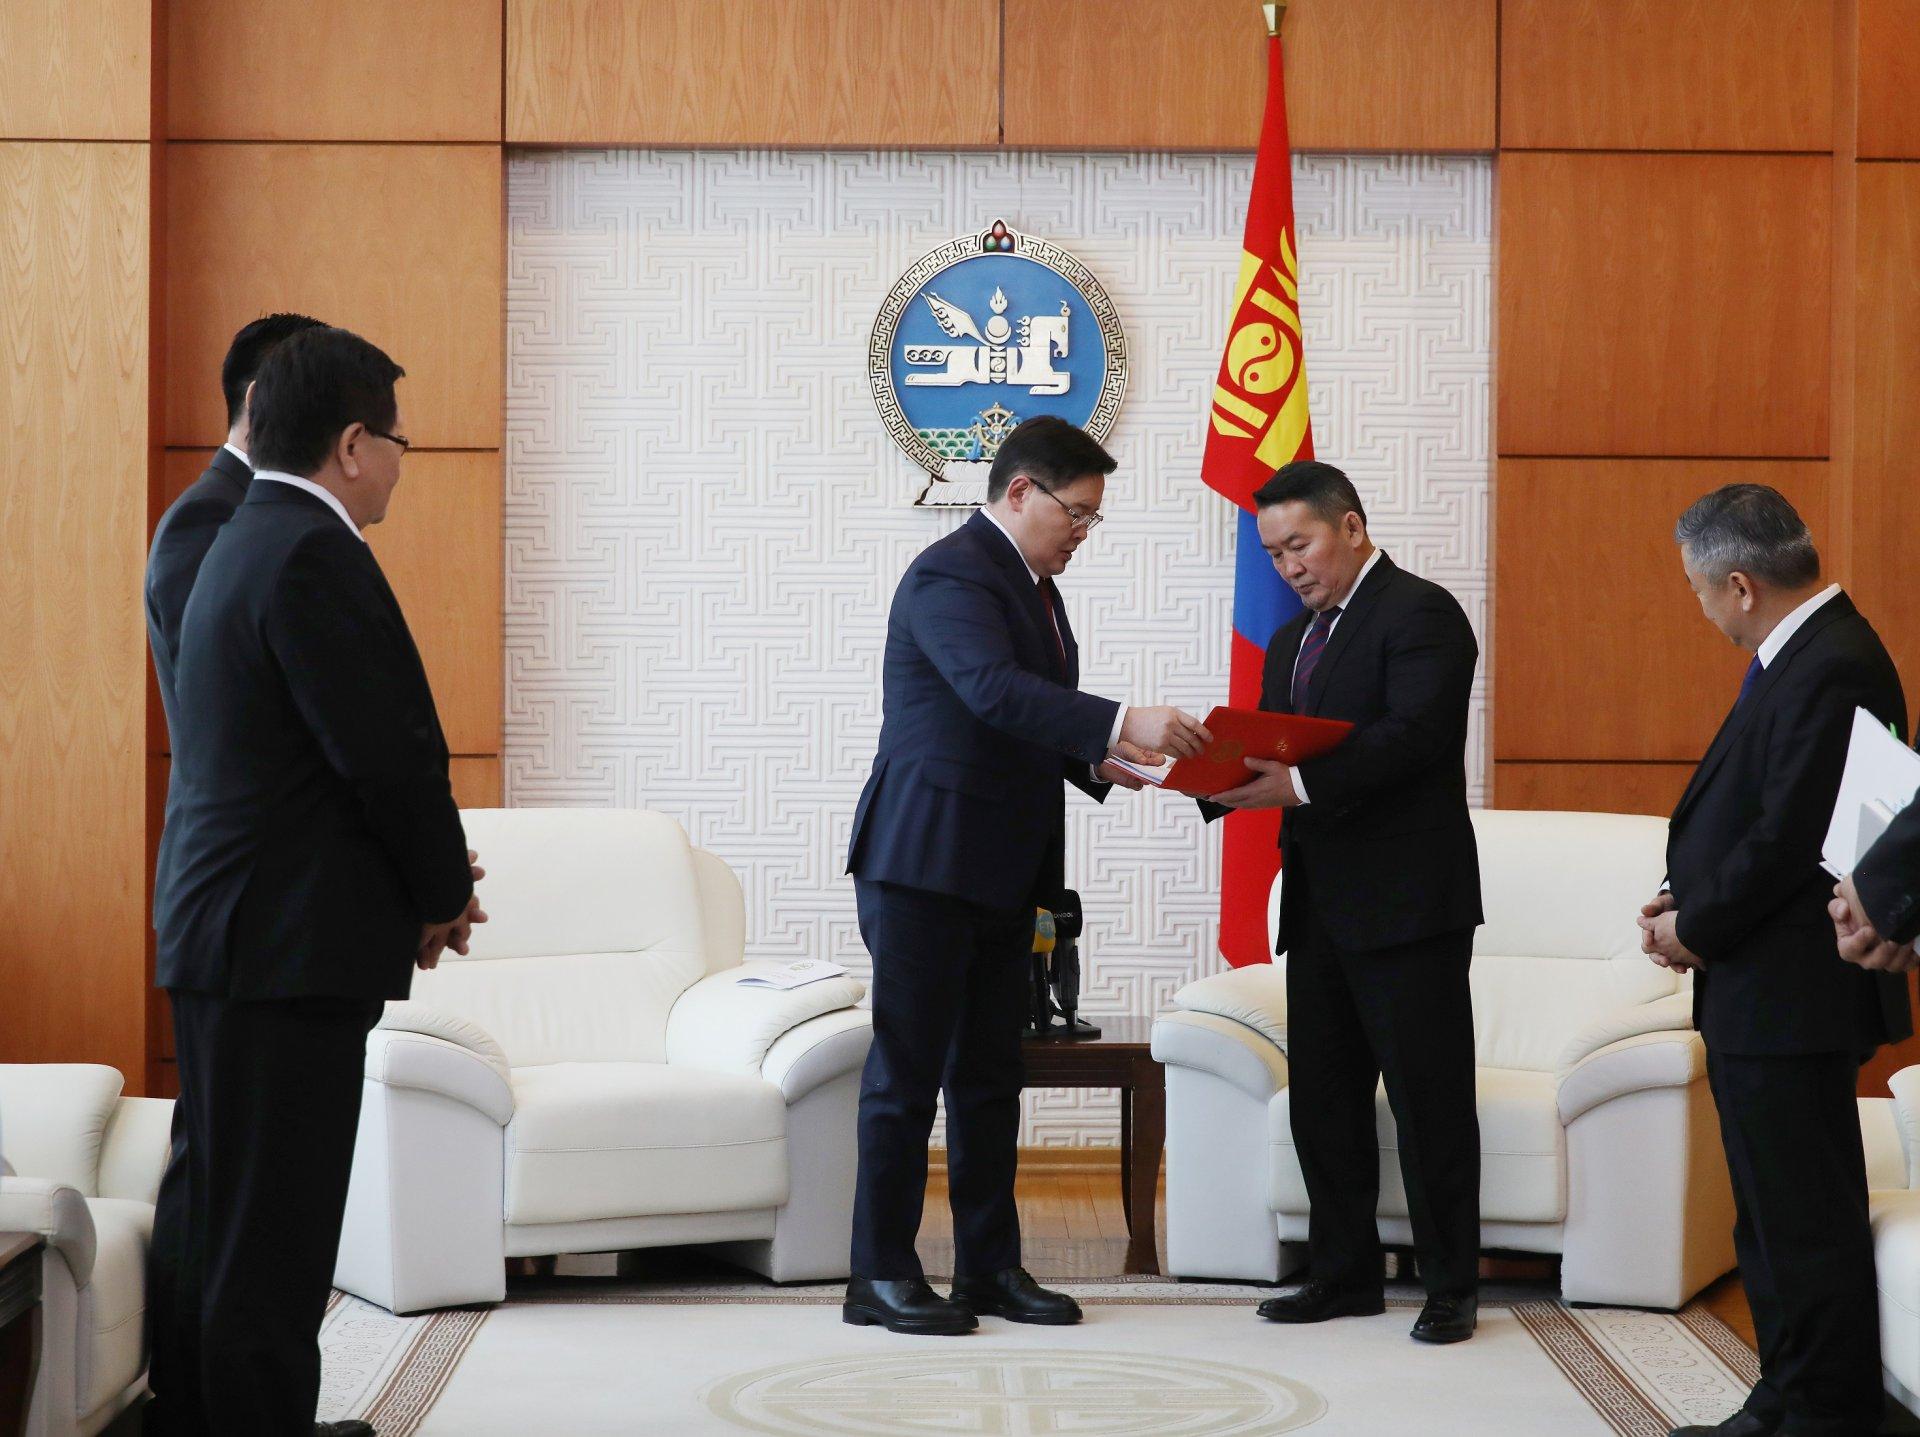 Монгол Улсын Үндсэн хуульд оруулсан нэмэлт, өөрчлөлтийн эхийг Монгол Улсын Ерөнхийлөгчид өргөн барилаа